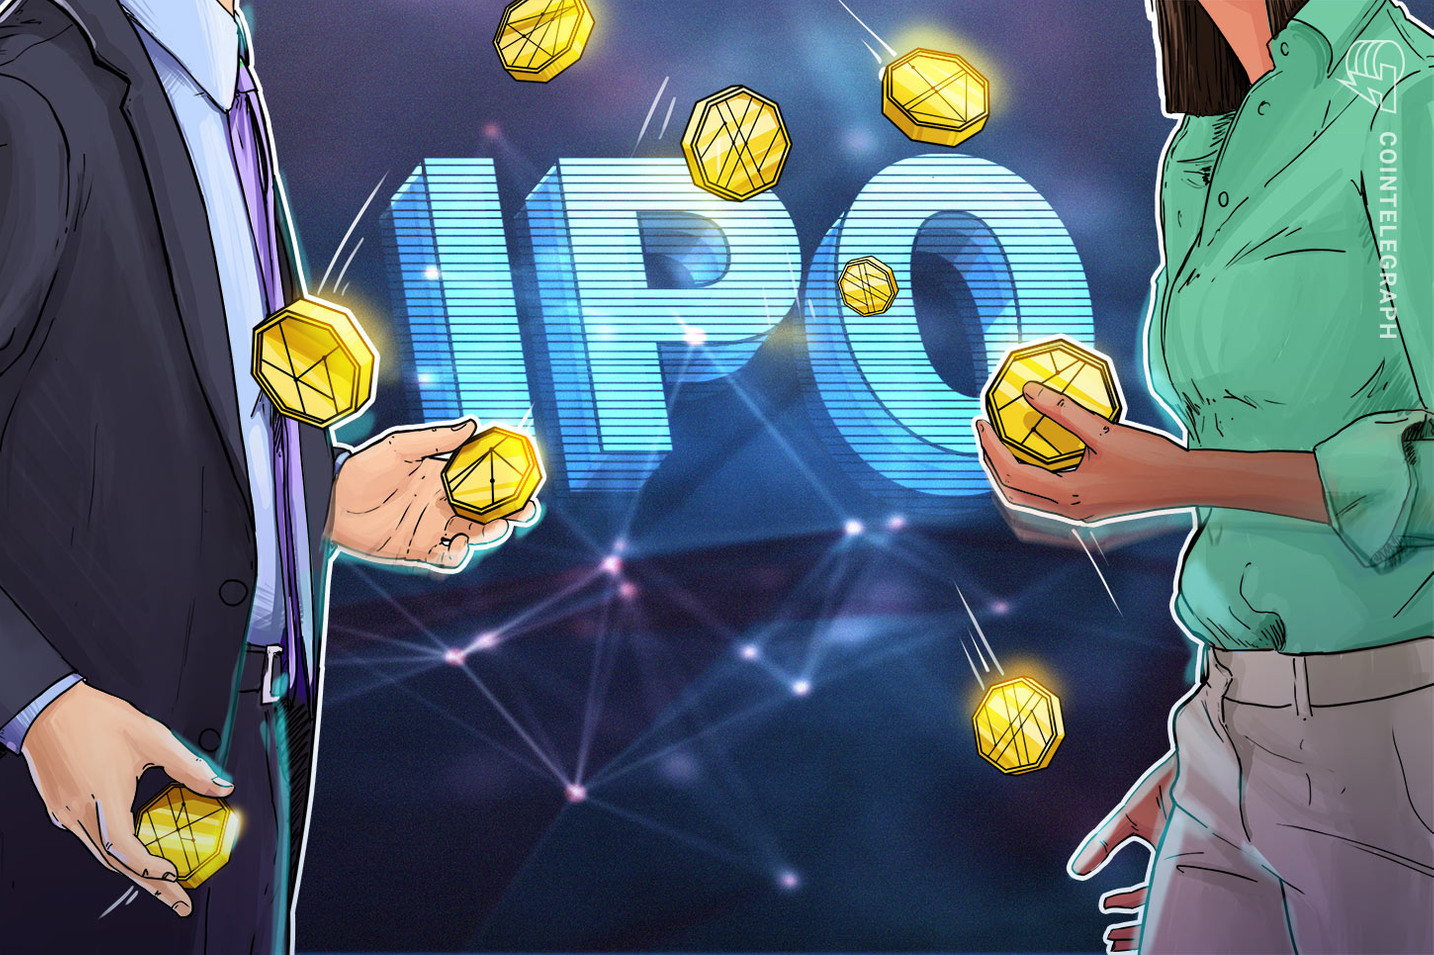 La principal entidad bancaria de Upbit apunta a una IPO en 2022 en medio de una masiva incorporación de usuarios cripto